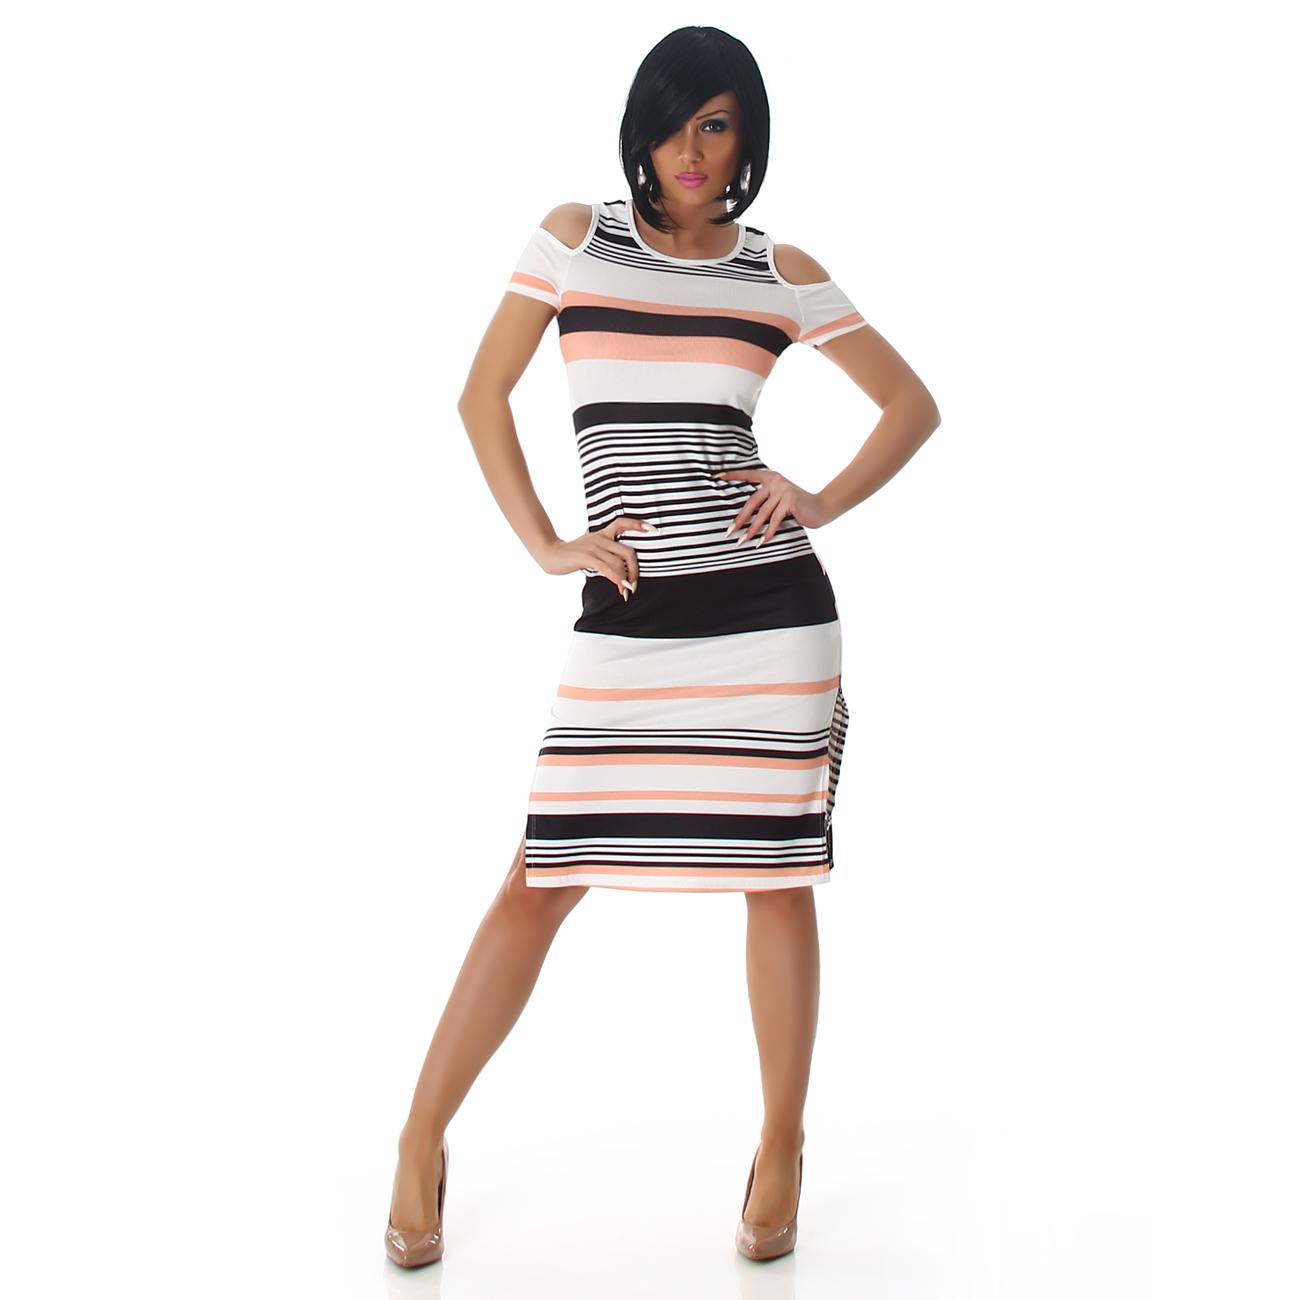 916d25facc NŐI RUHA | Nyitott vállú csíkos női ruha - (40) | Mysticfashion női ...